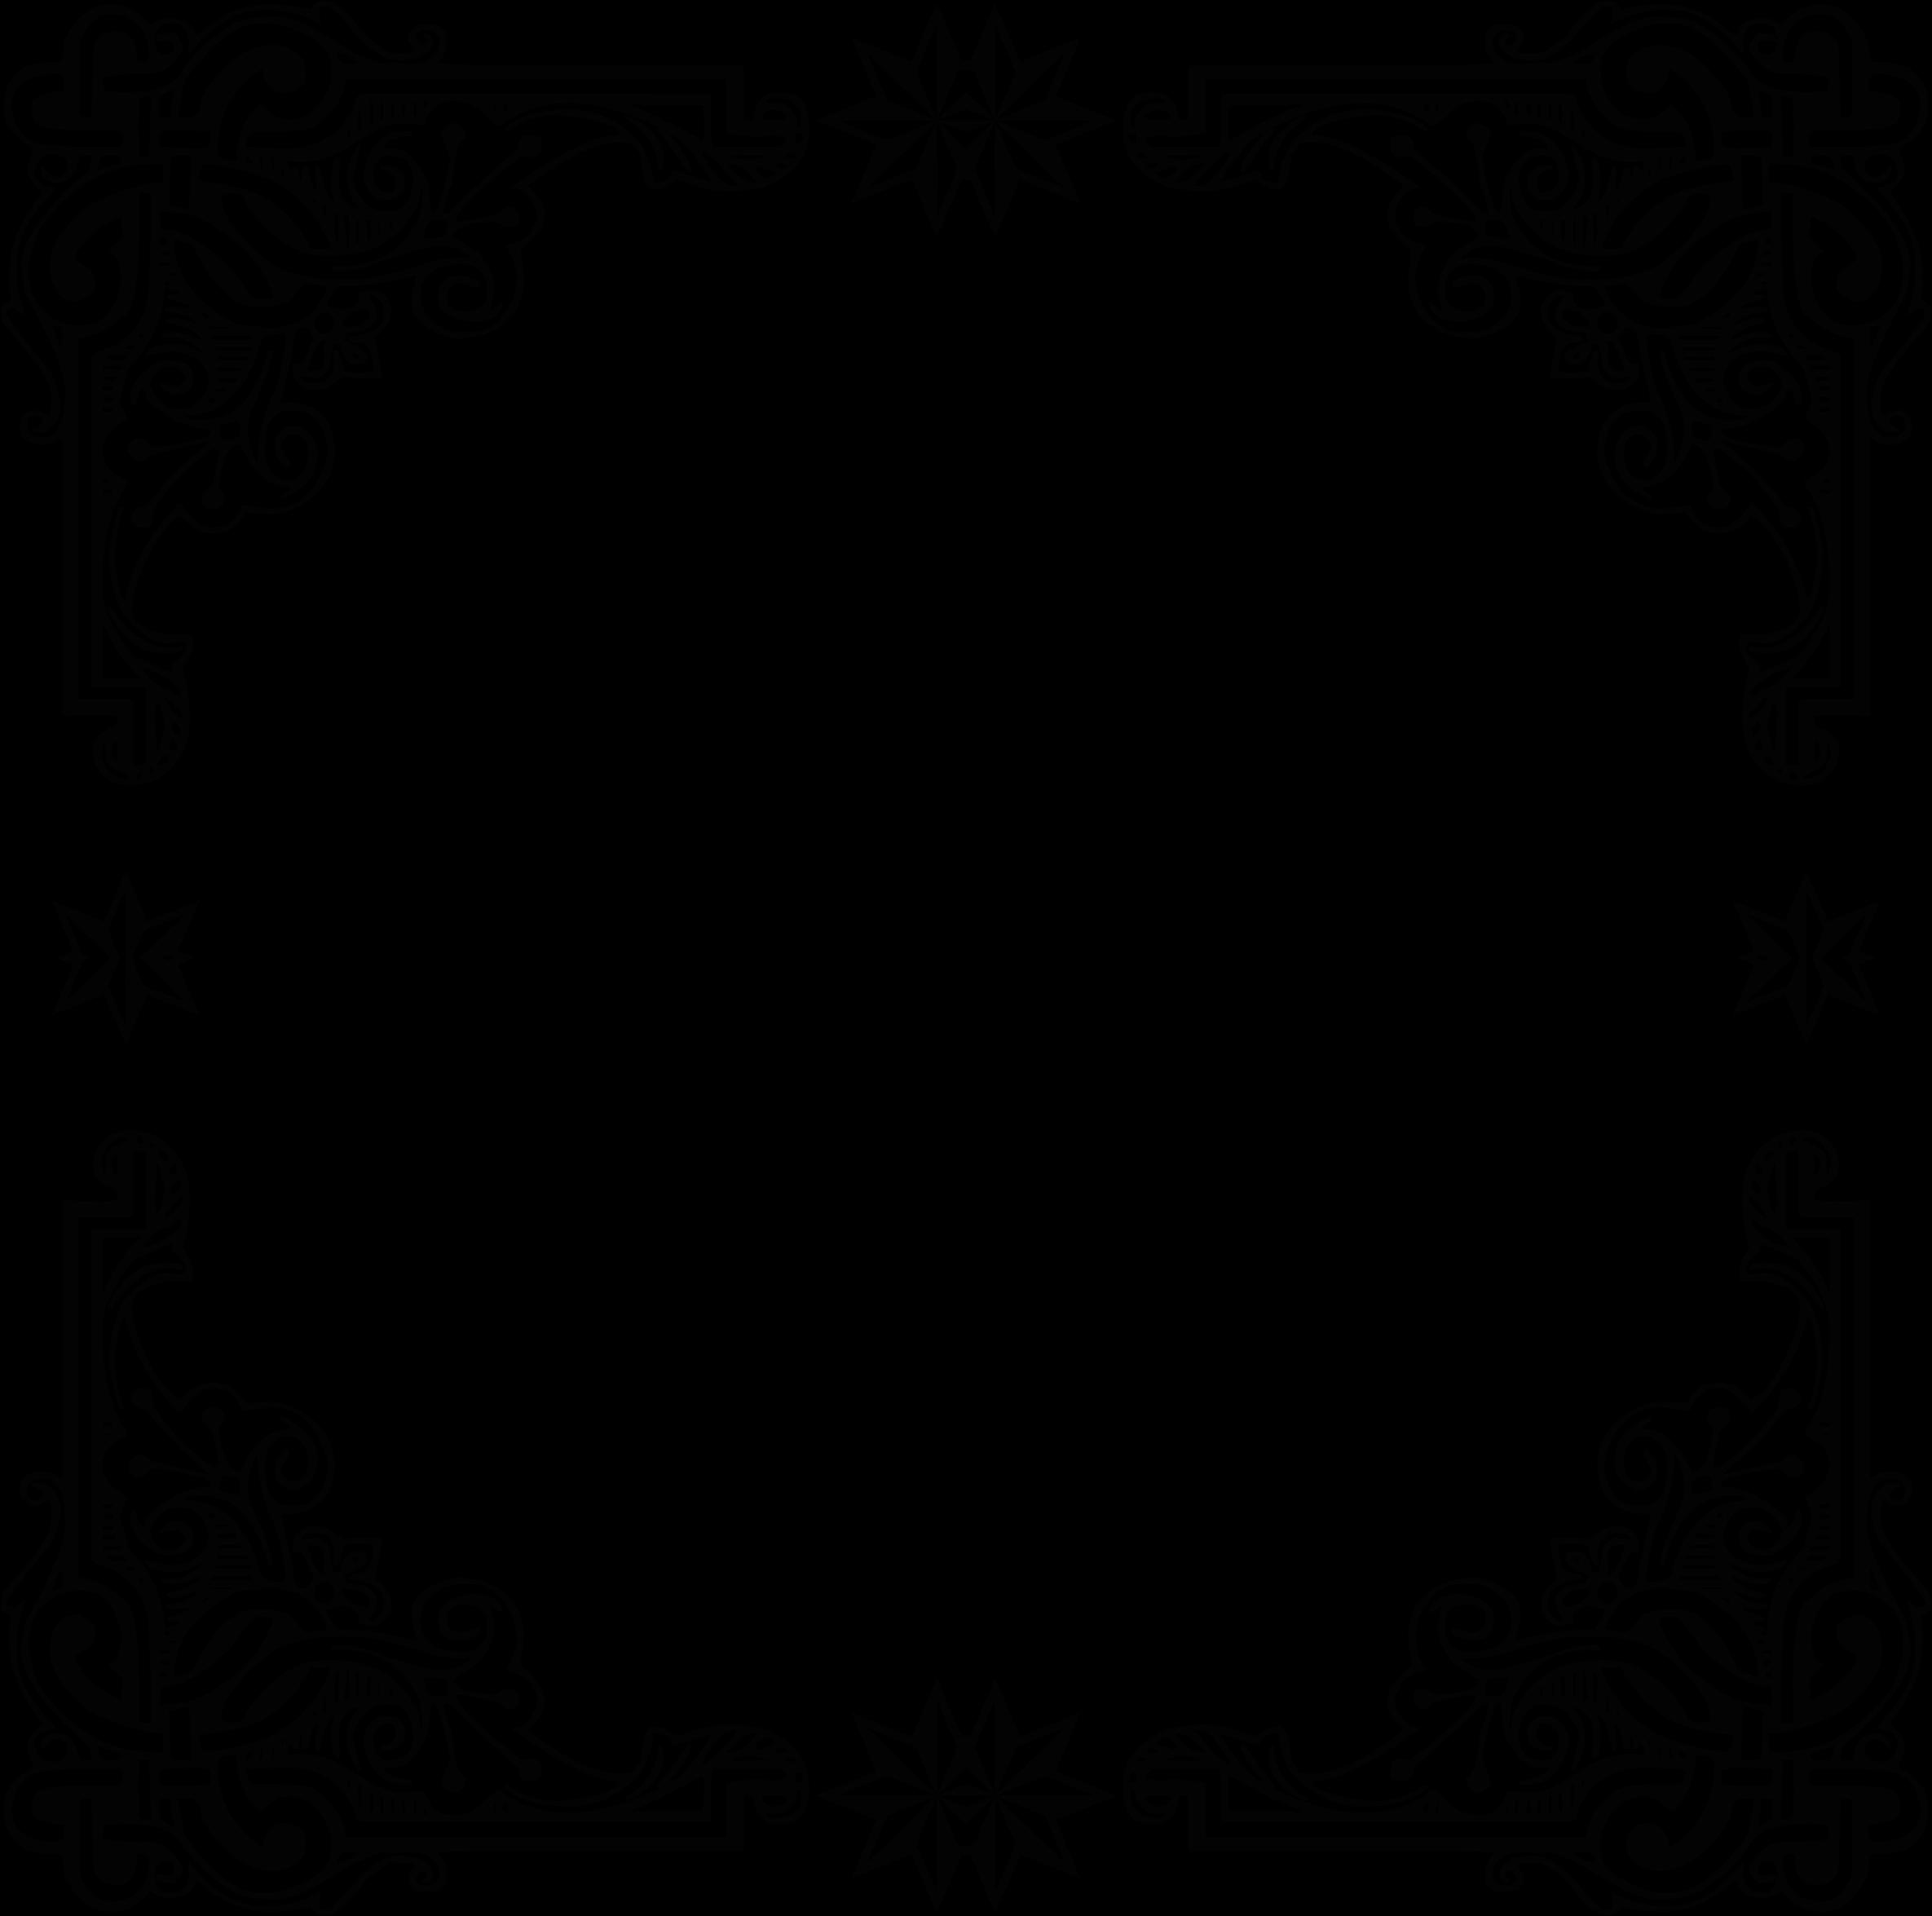 Clipart  Vintage Symmetric Frame